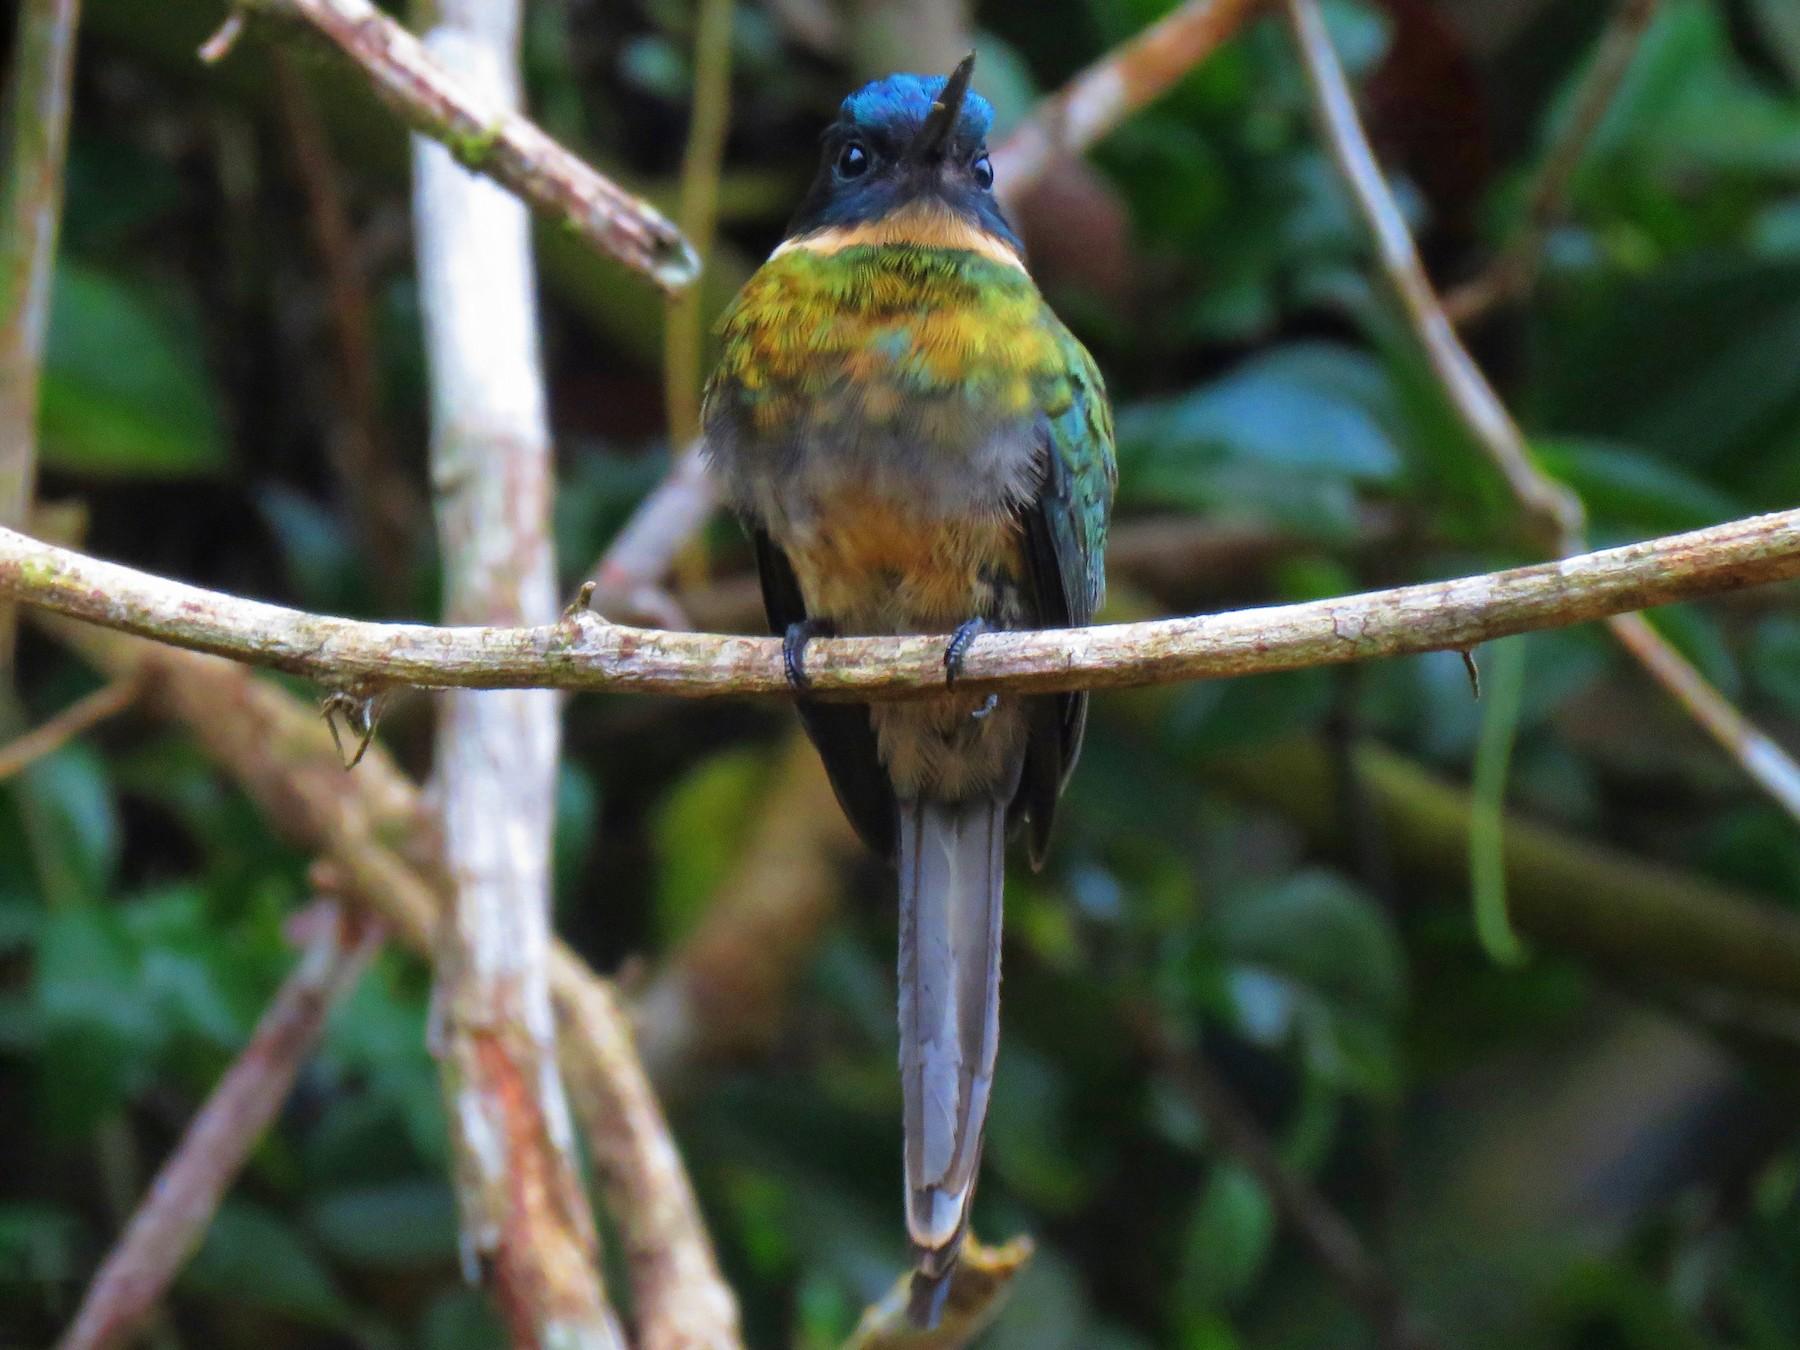 Bronzy Jacamar - Oswaldo Cortes (Bogota Birding) https://bogotabirding.com/